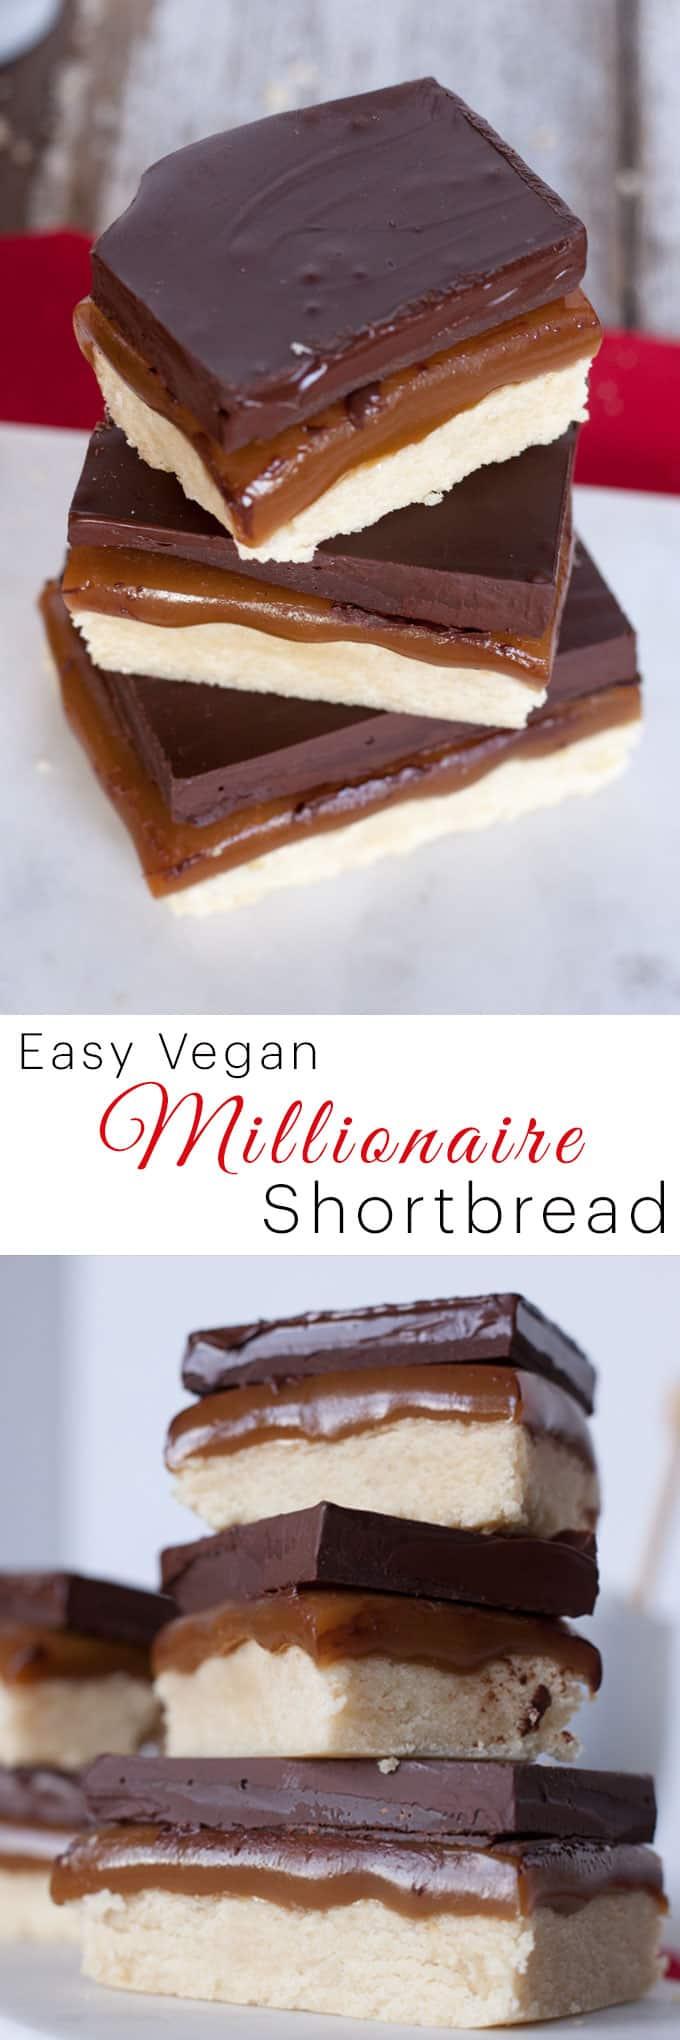 vegan Millionaire Shortbread recipe